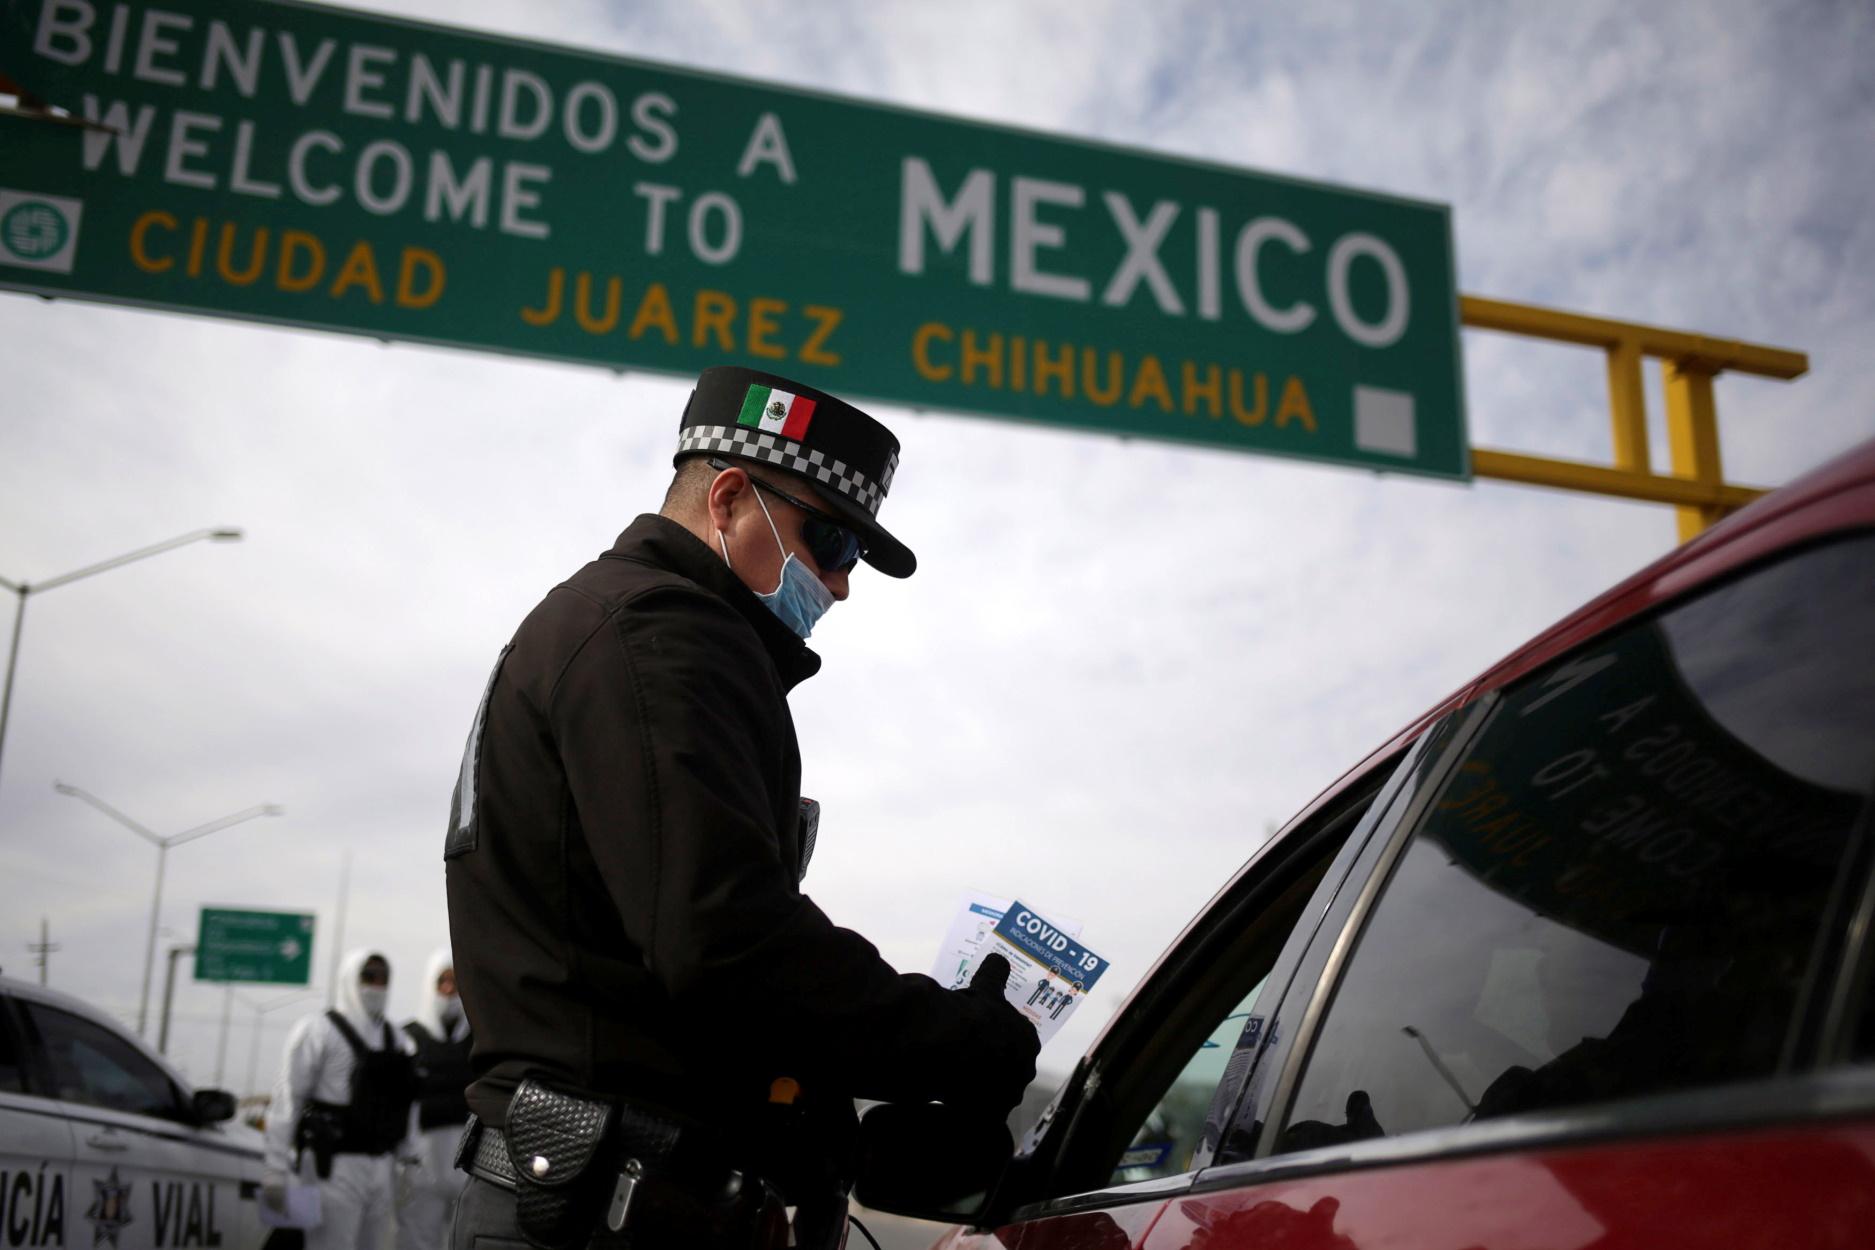 Κορονοϊός: Άλλοι 33 θάνατοι στο Μεξικό, 23 σύνολο στην Ονδούρα